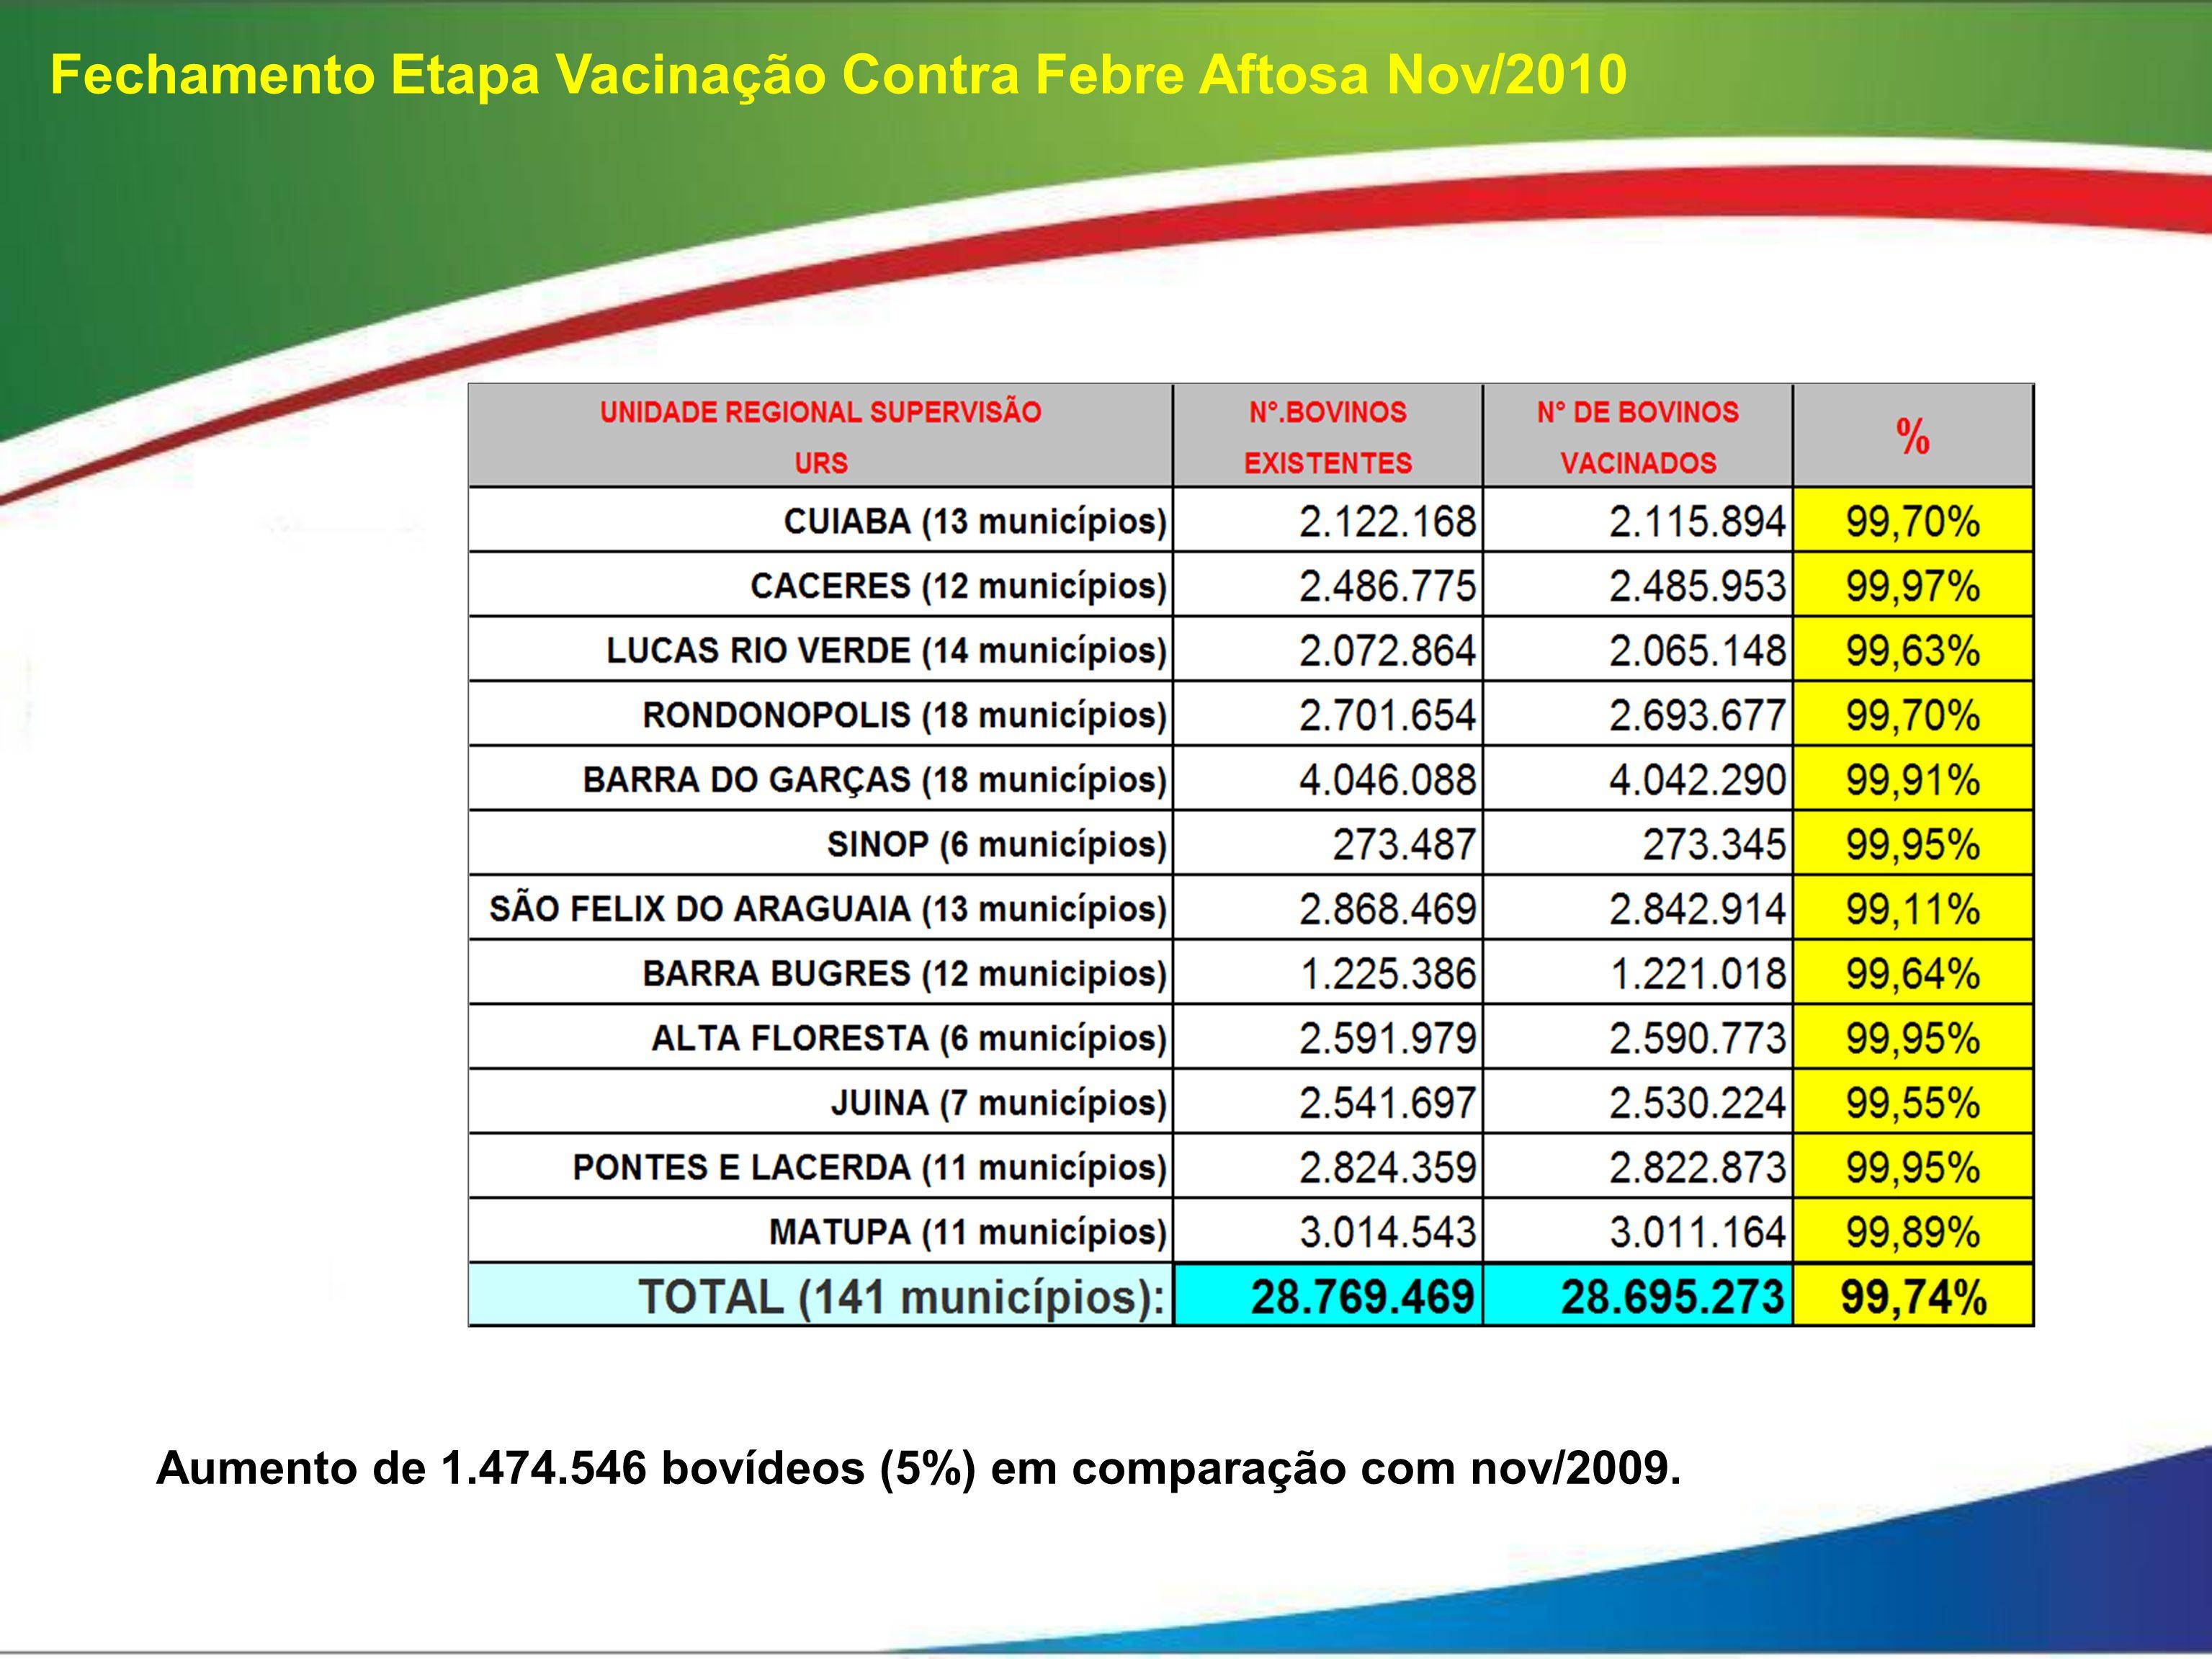 Aumento de 1.474.546 bovídeos (5%) em comparação com nov/2009.